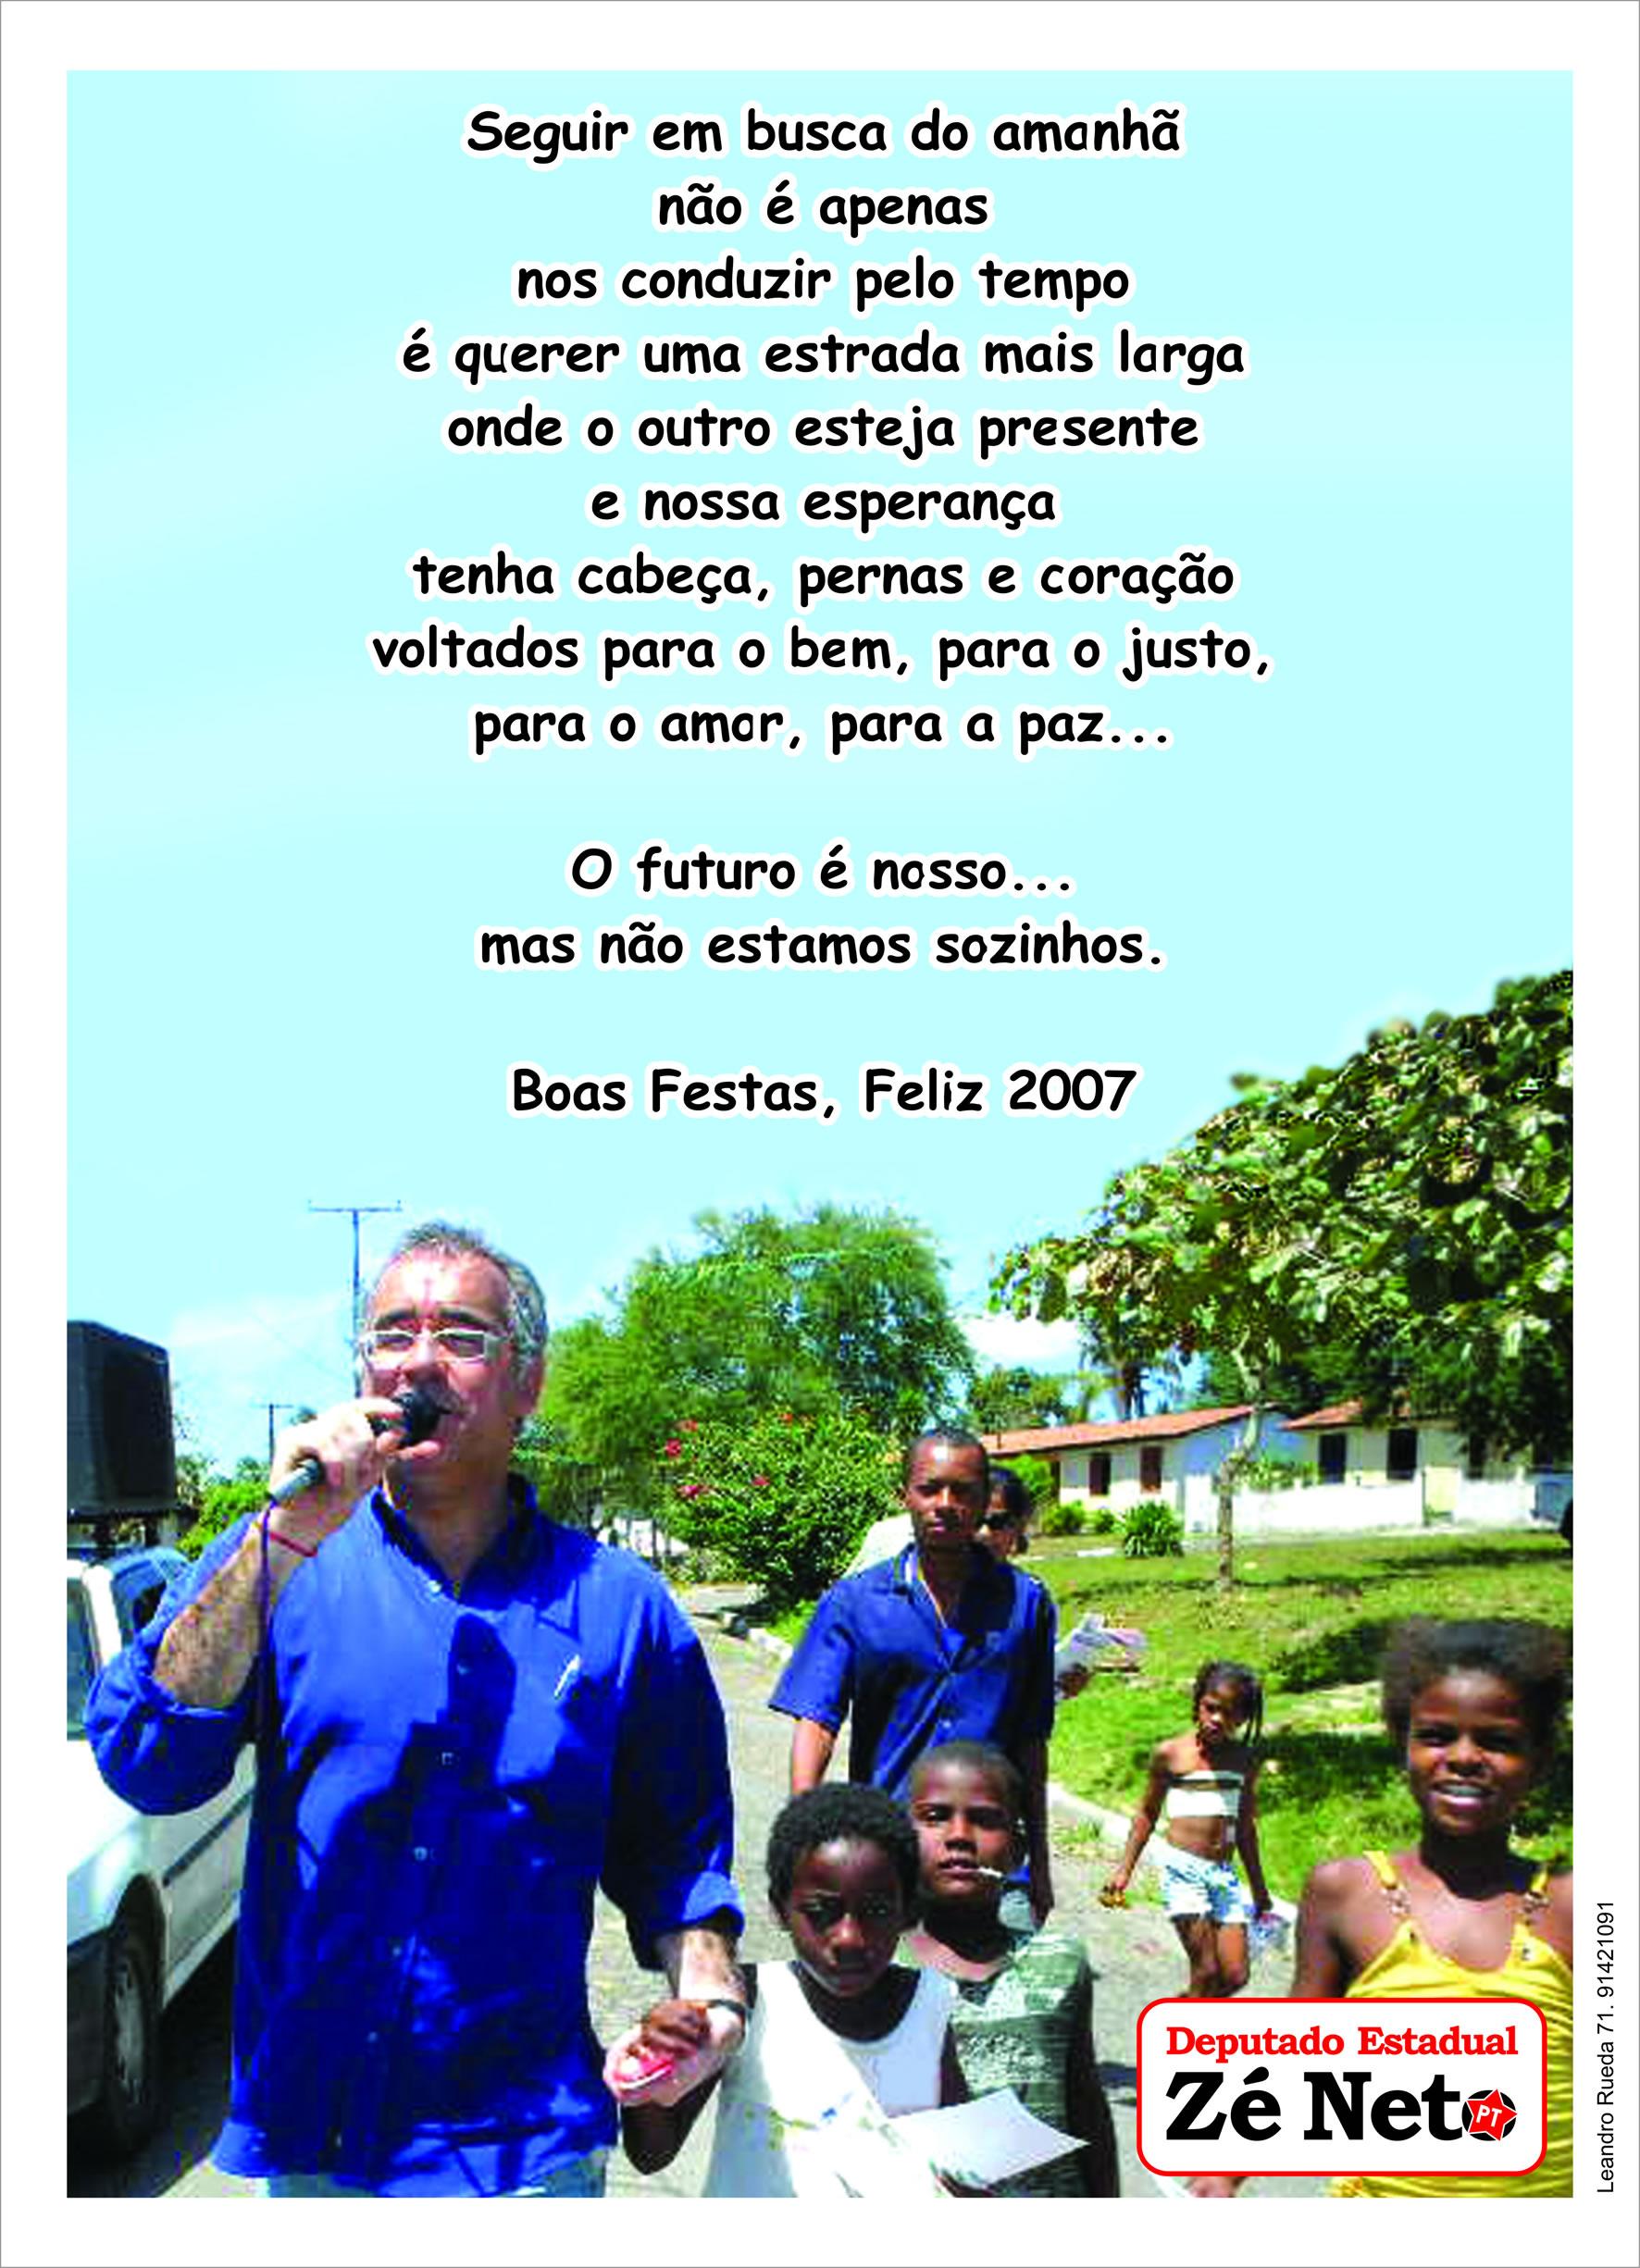 Boas Festas 2007